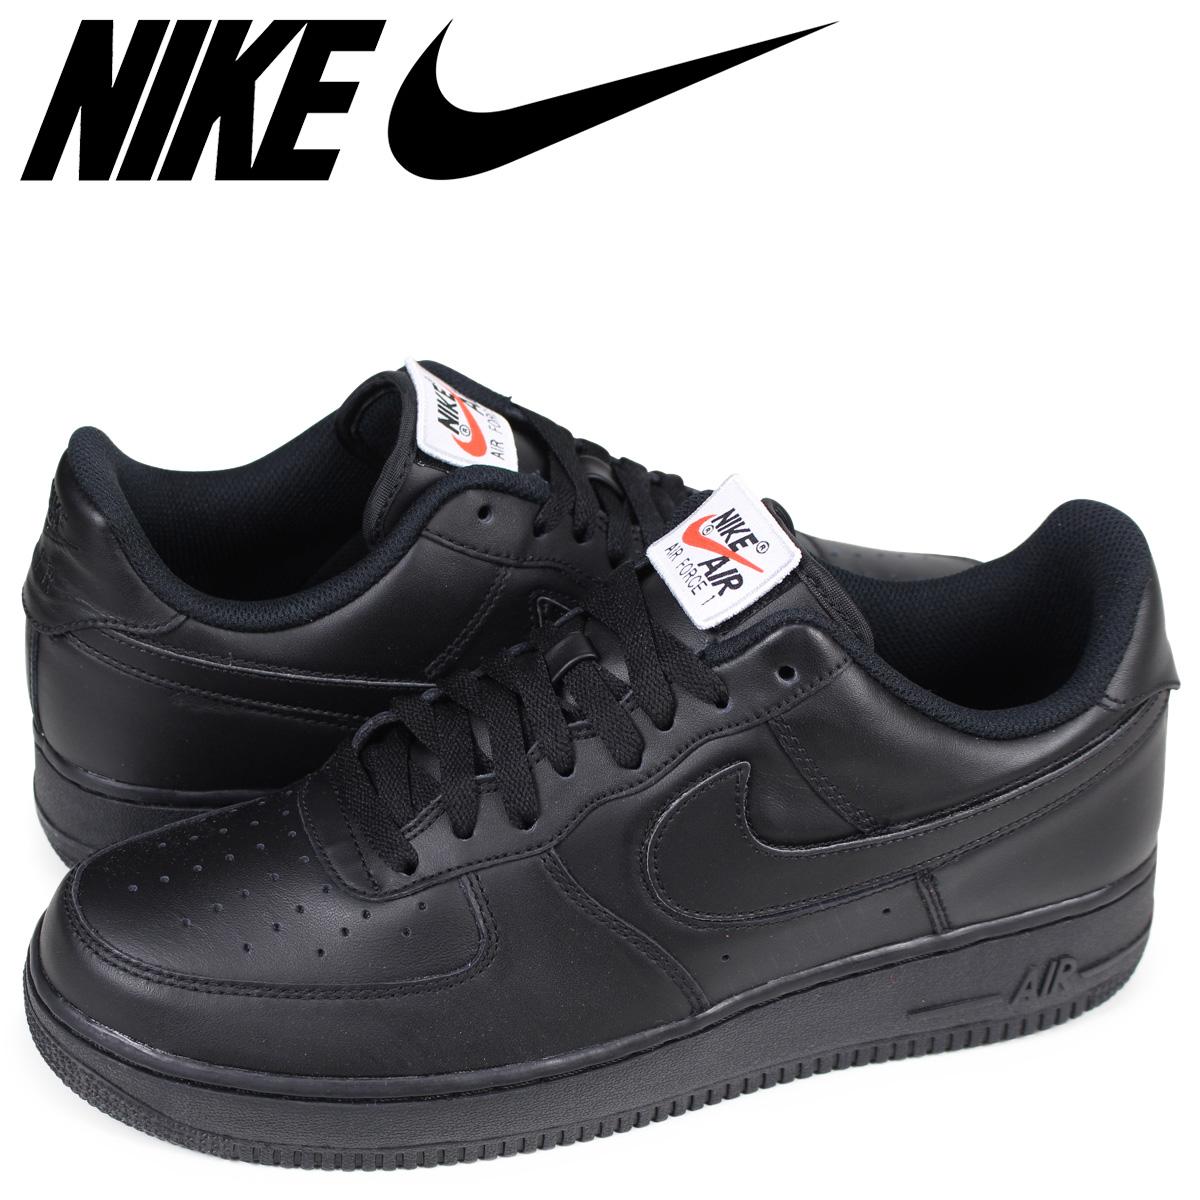 NIKE AIR FORCE 1 SWOOSH FLAVORS Nike air force 1 sneakers men AH8462 002 black [186]